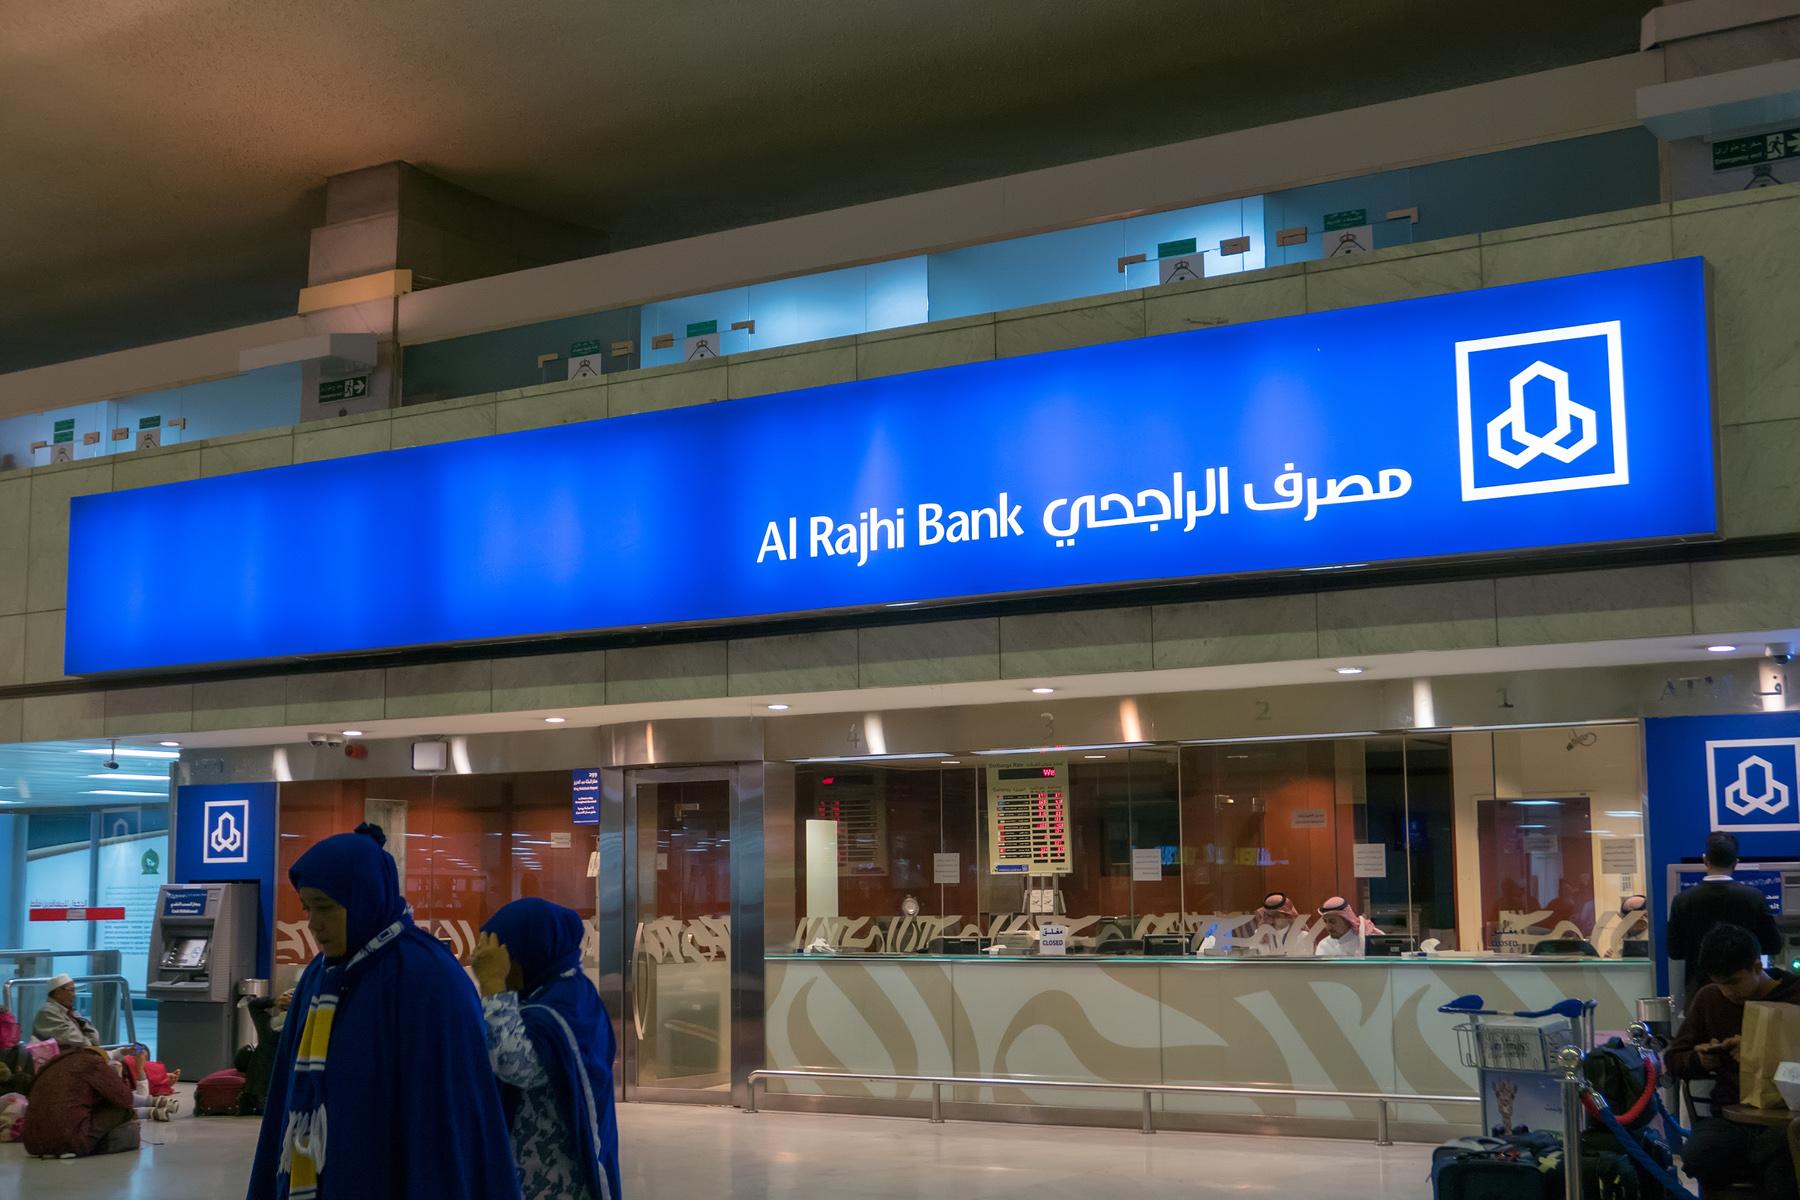 Al-Rajhi Bank branch